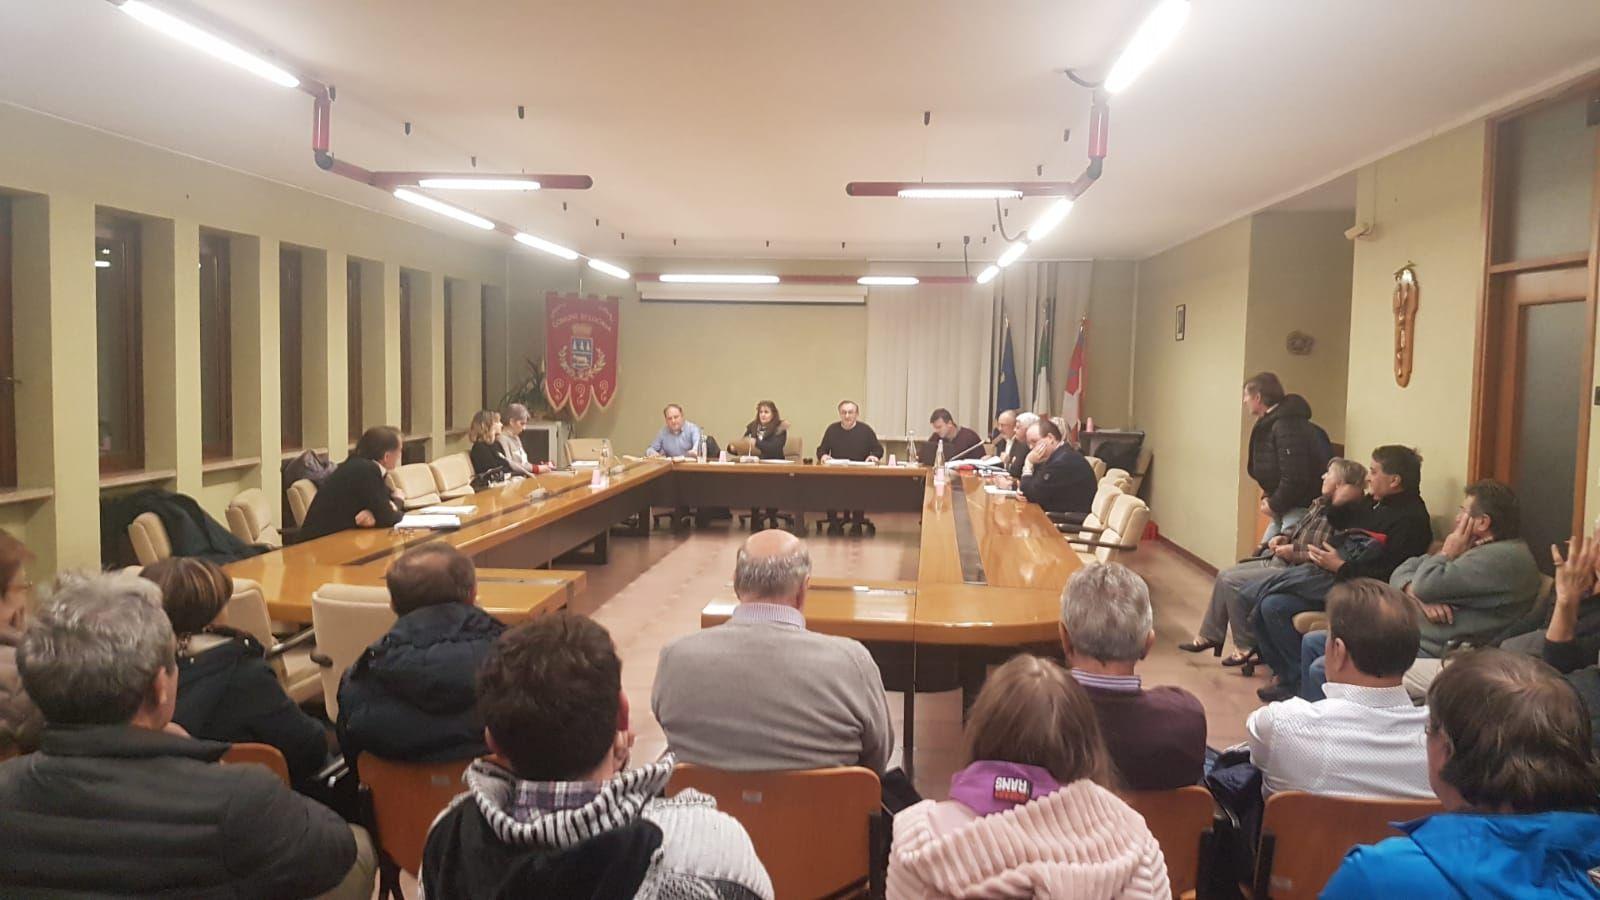 LOCANA - Consiglio comunale caldo: Bruno Mattiet fa ricorso al Tar